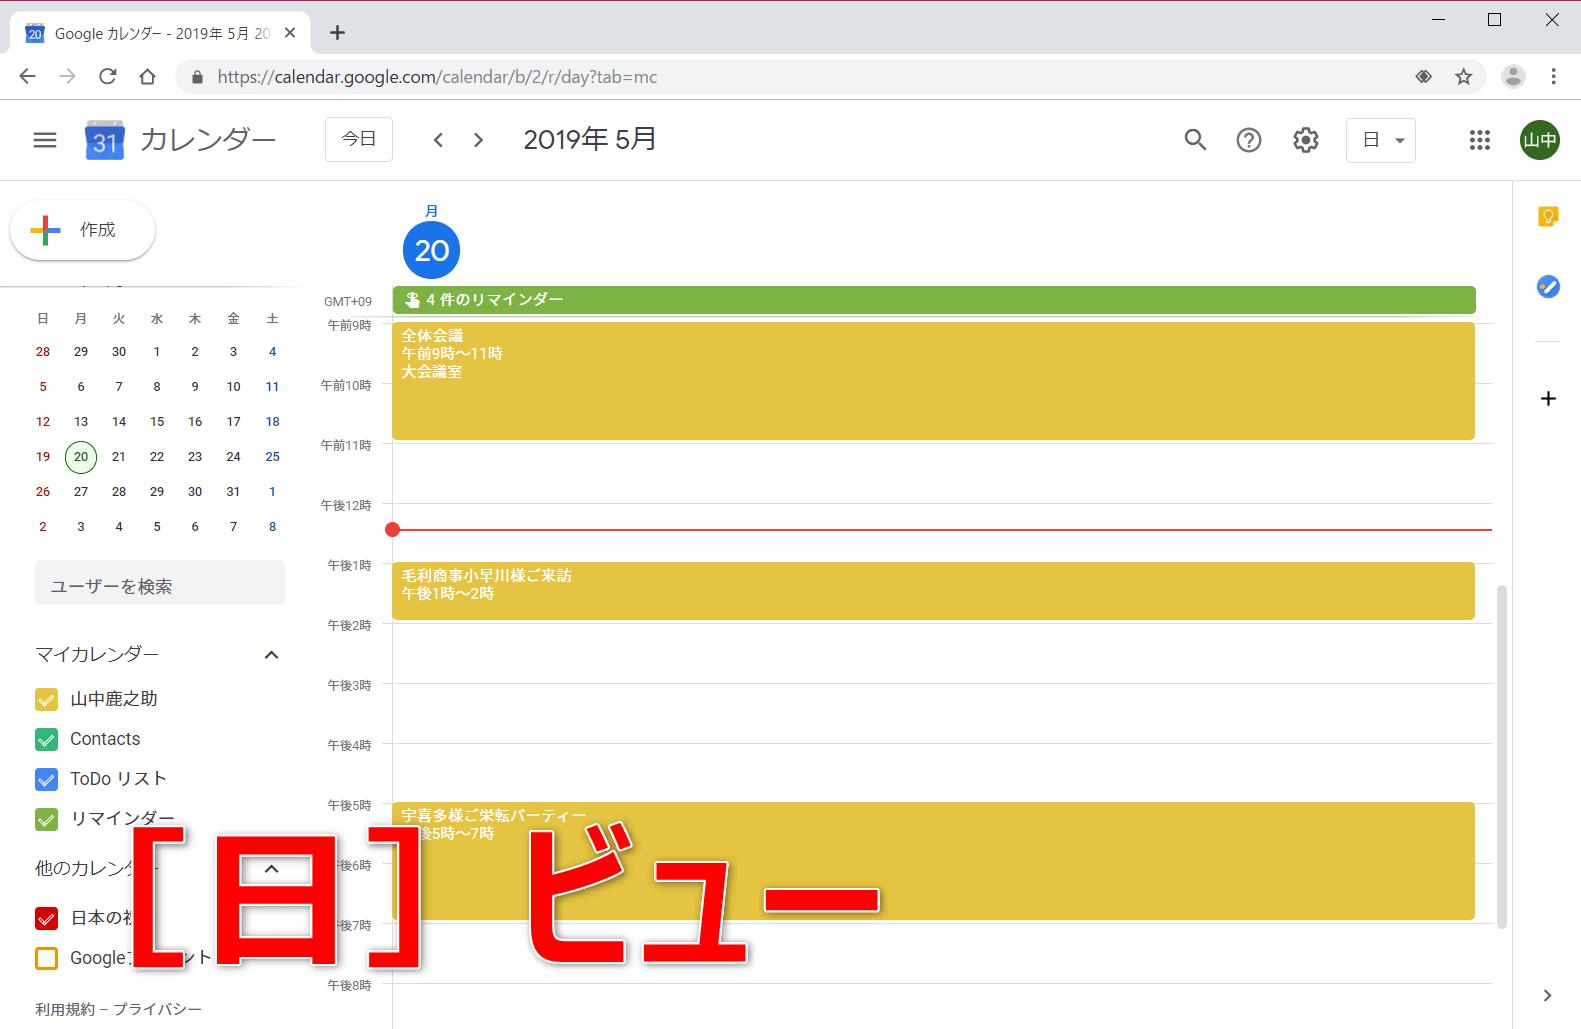 Googleカレンダーの「日」ビュー(1日表示)の画面